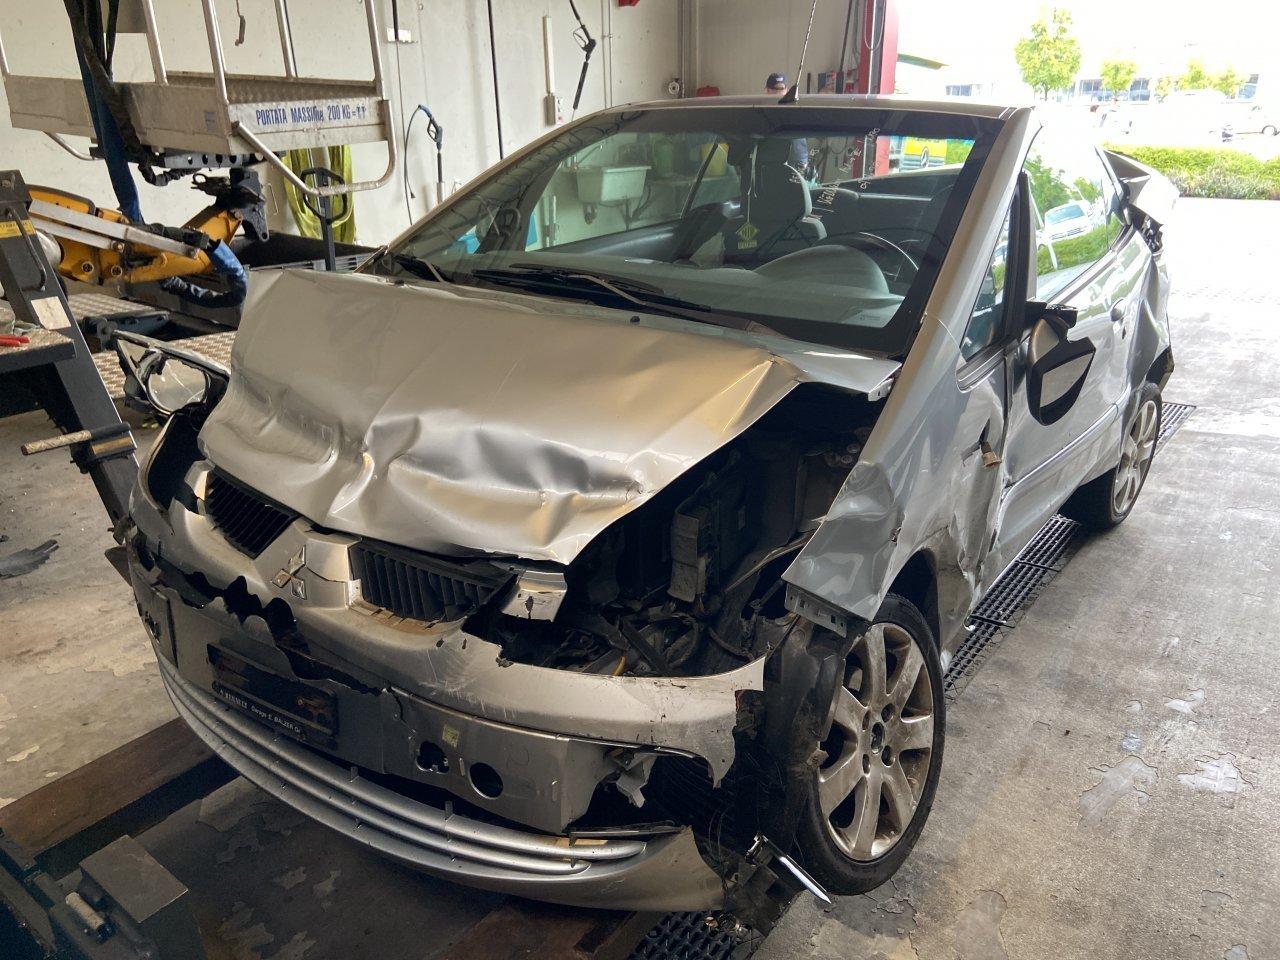 al-volante-senza-patente,-23enne-causa-quattro-incidenti